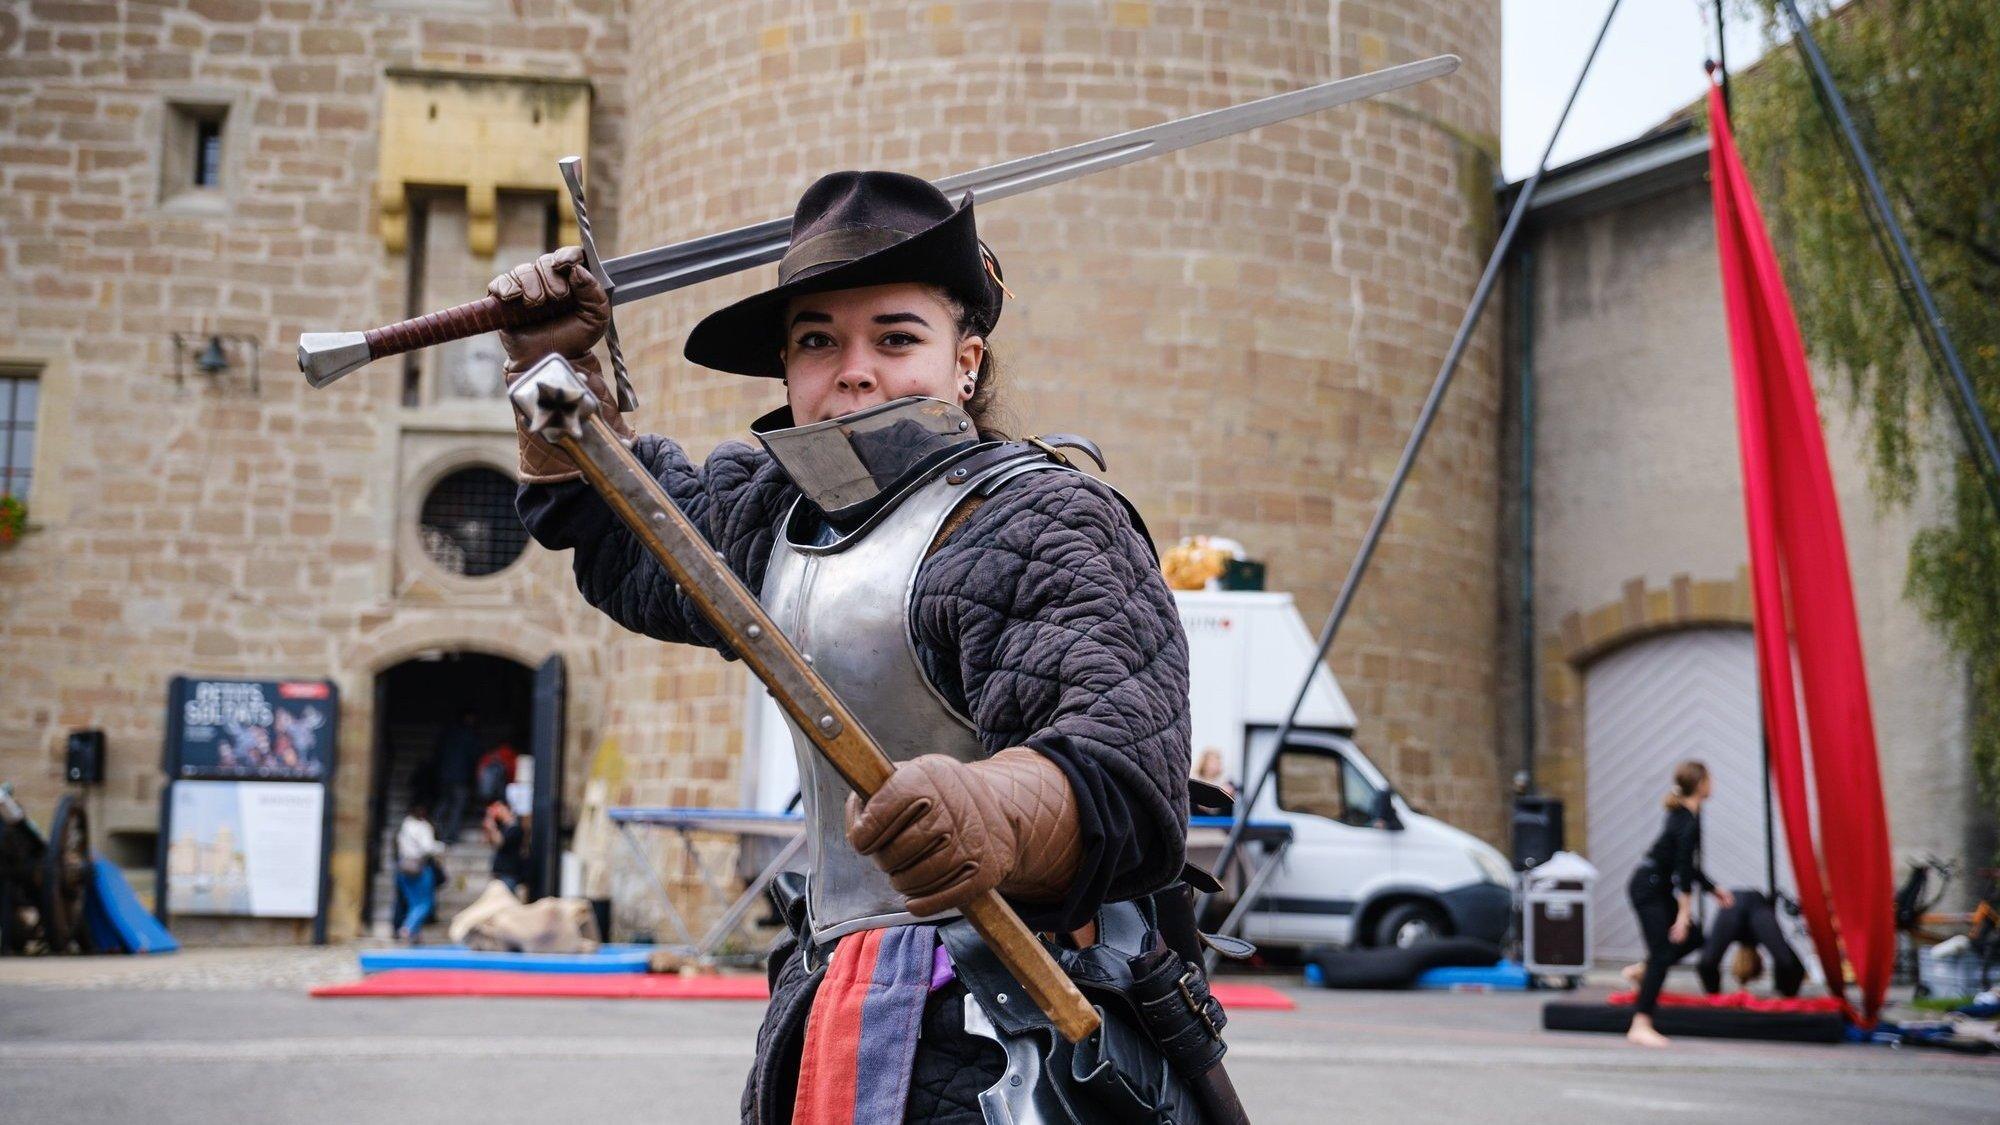 Julie Nissille fait partie du groupe Cinerea Aquila. Avec ses camarades, elle a réalisé d'impressionnantes démonstrations de tir et de combats aux armes médiévales.